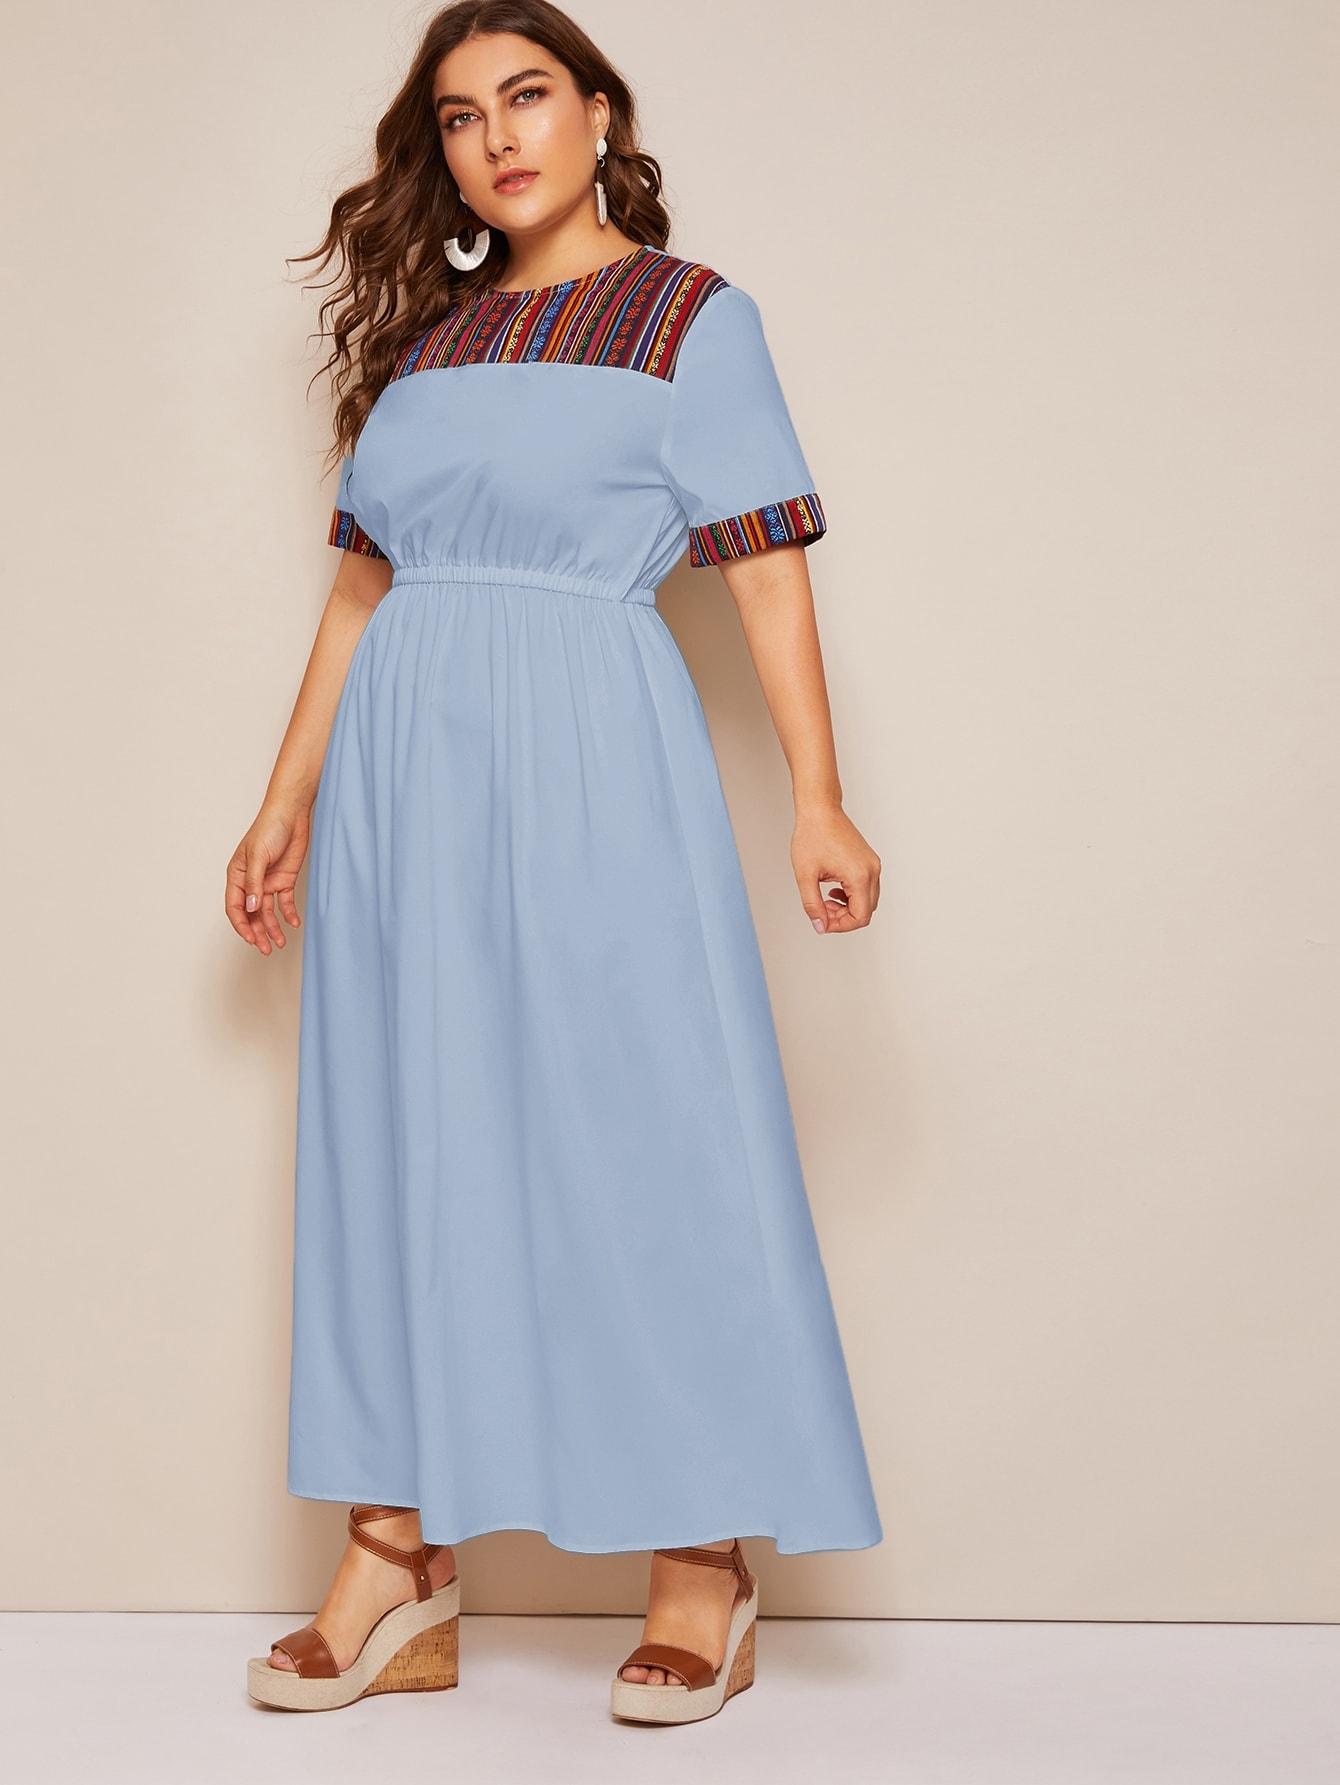 Фото - Длинное платье размера плюс с вышивкой от SheIn цвет синие